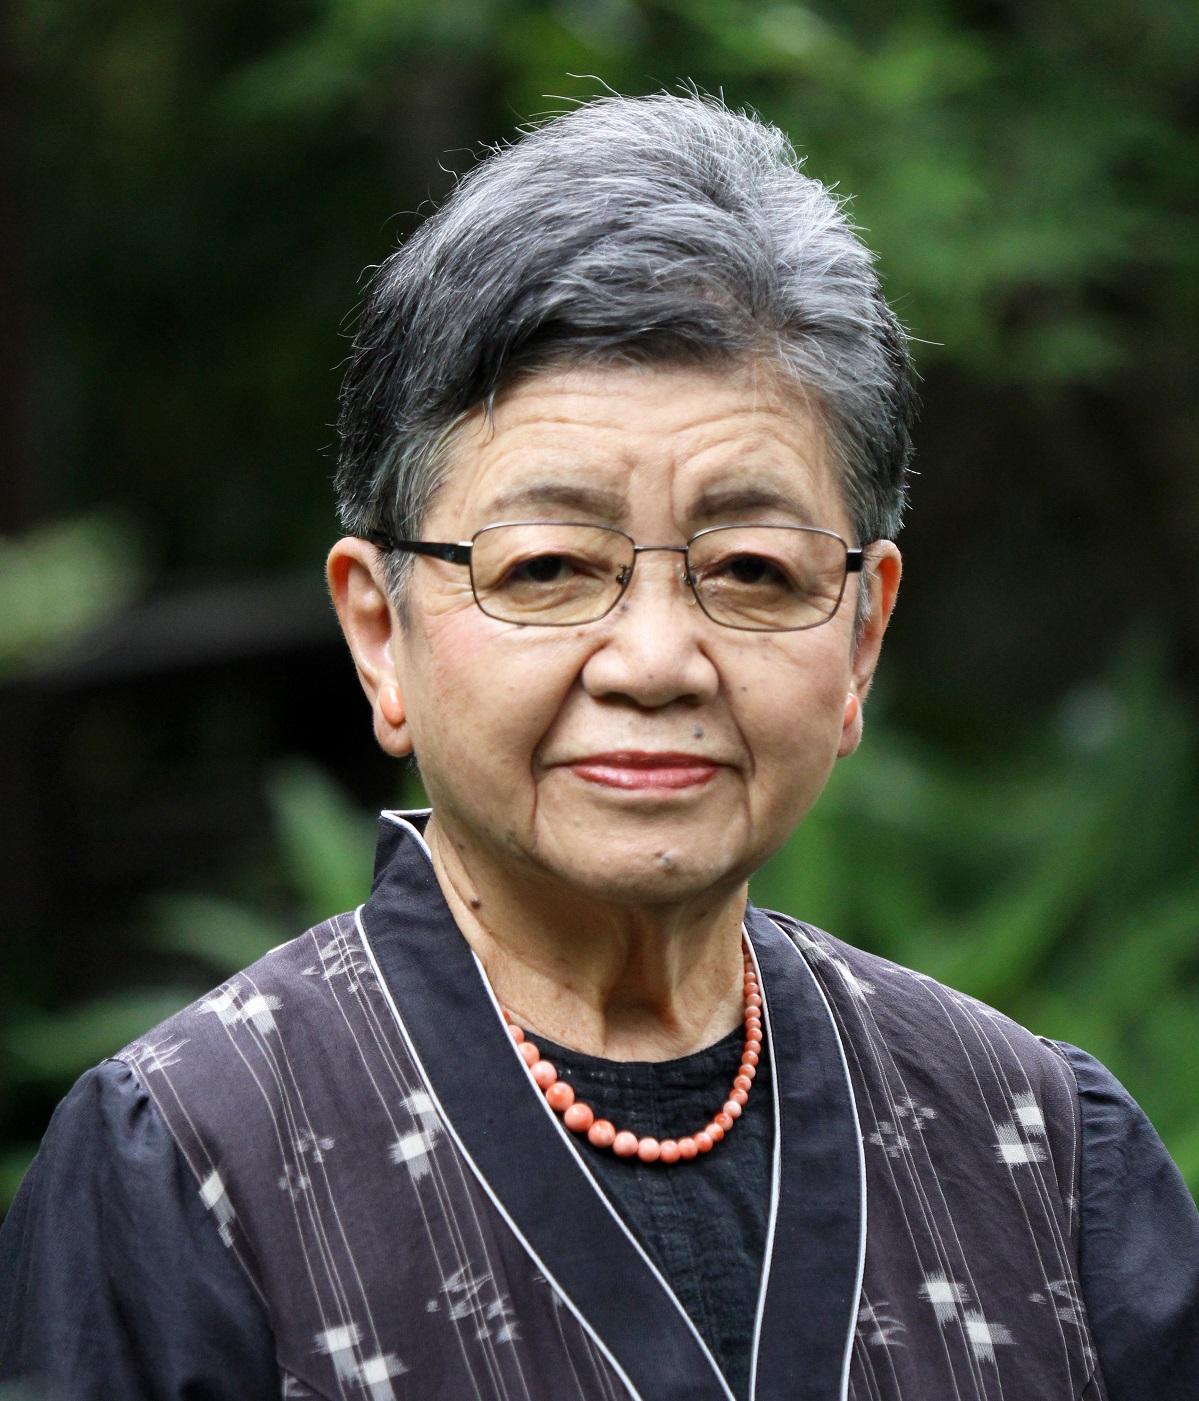 川嶋みどり  日本赤十字看護大学名誉教授  1931年生まれ。日本赤十字女子専門学校卒業。日本赤十字社中央病院看護師20年、その後、健和会臨床看護学研究所、日本赤十字看護大学学部長などを経て現職。2007年、顕著な功労のある看護師に与えられる「ナイチンゲール記章」を受章。著書に『看護の羅針盤 366の言葉』(ライフサポート社)、『看護の力』(岩波新書)など多数